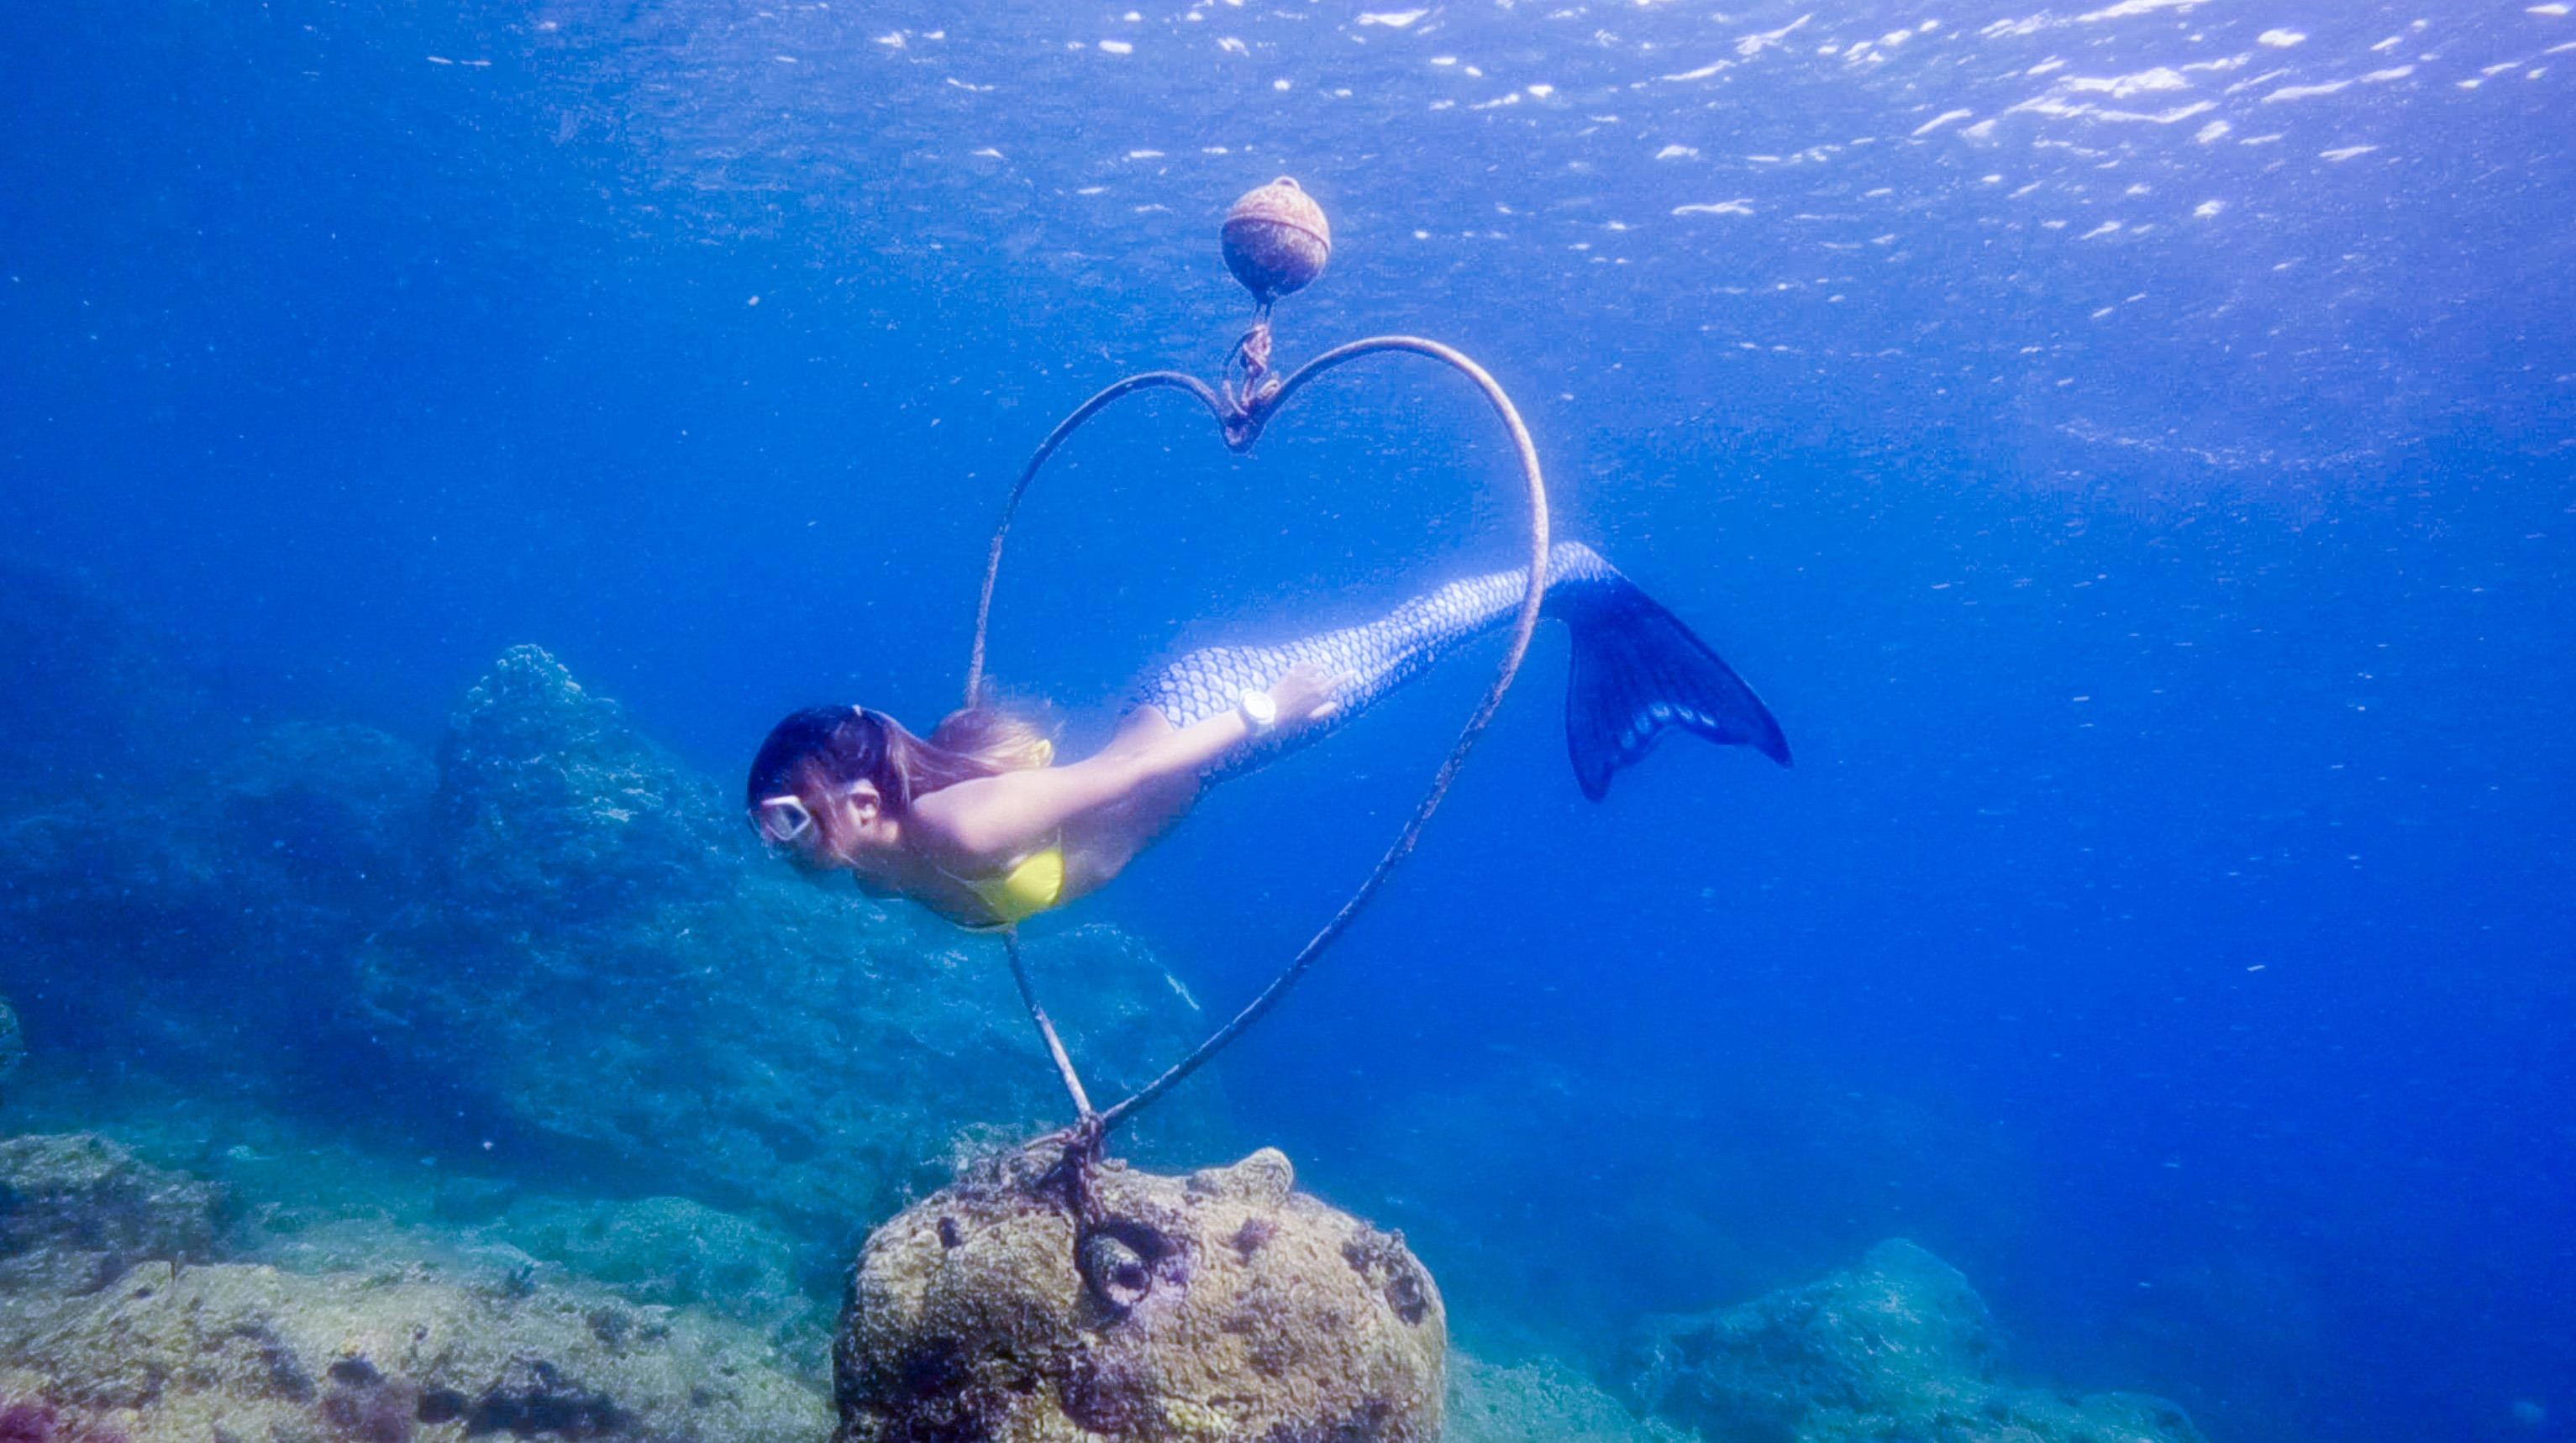 位在墾丁香蕉灣裡的心型圈,熱愛潛水的年輕人都搶著來這裡拍照,穿過心型圈見證美麗愛情。